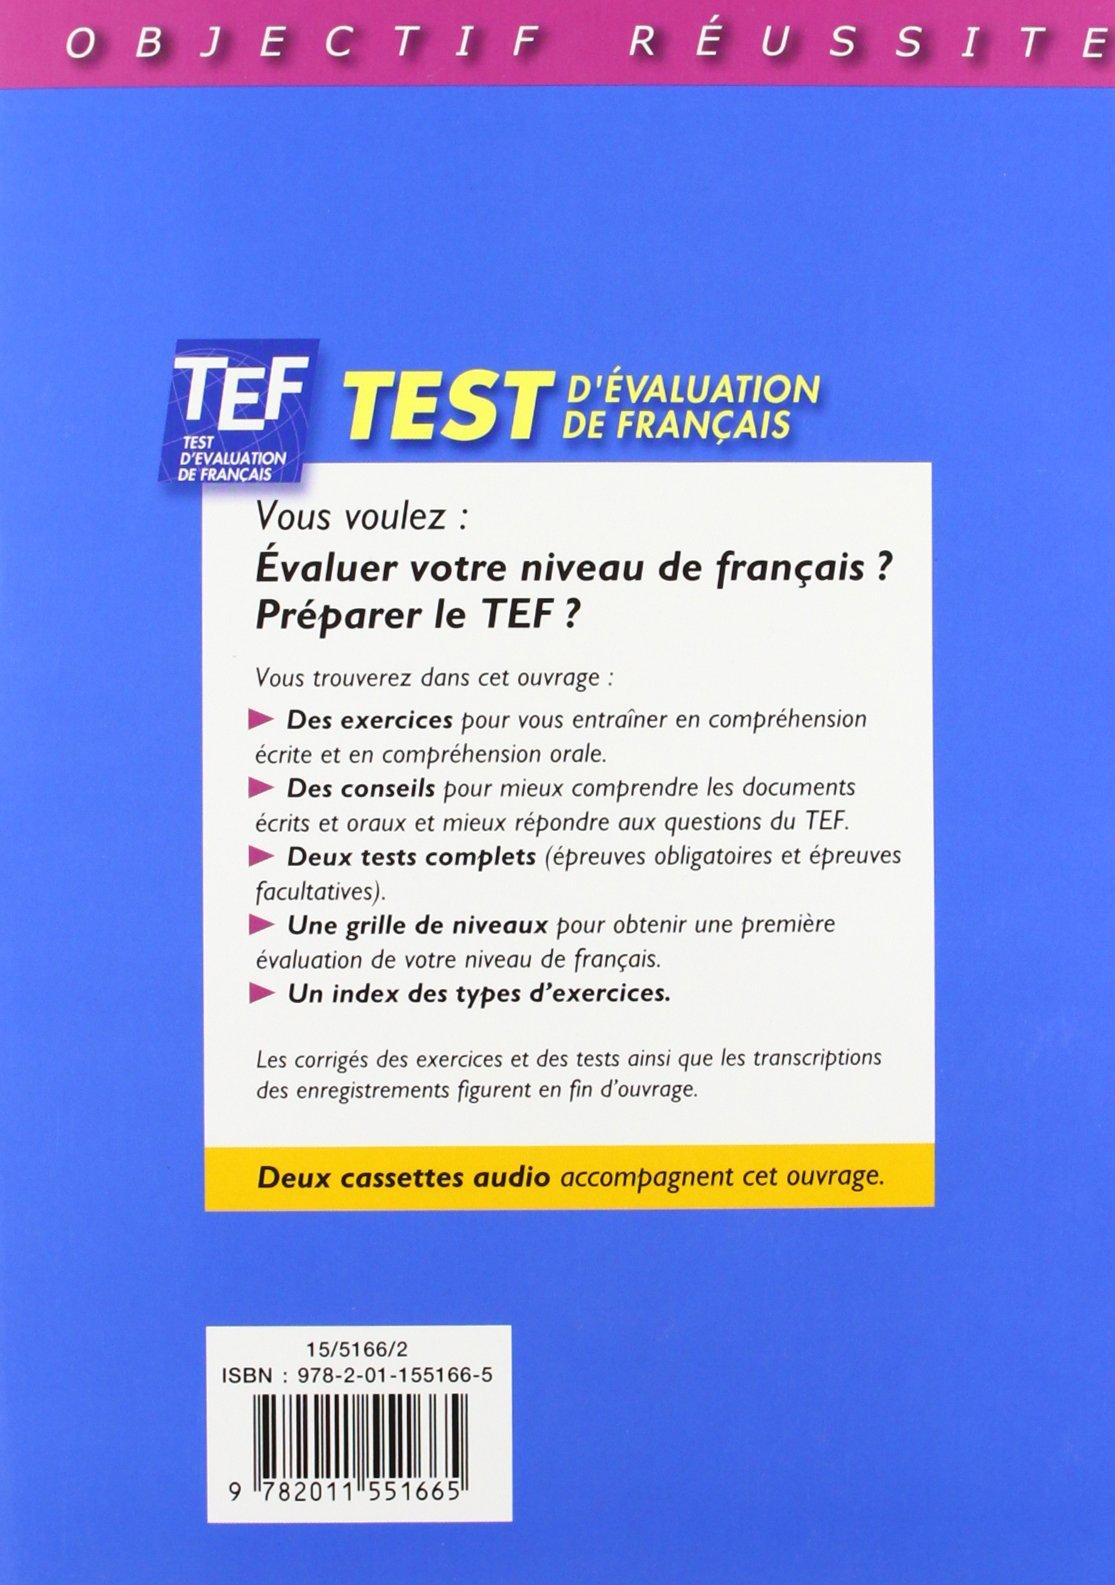 Test d'evaluation de Francais: Livre d'entrainement avec